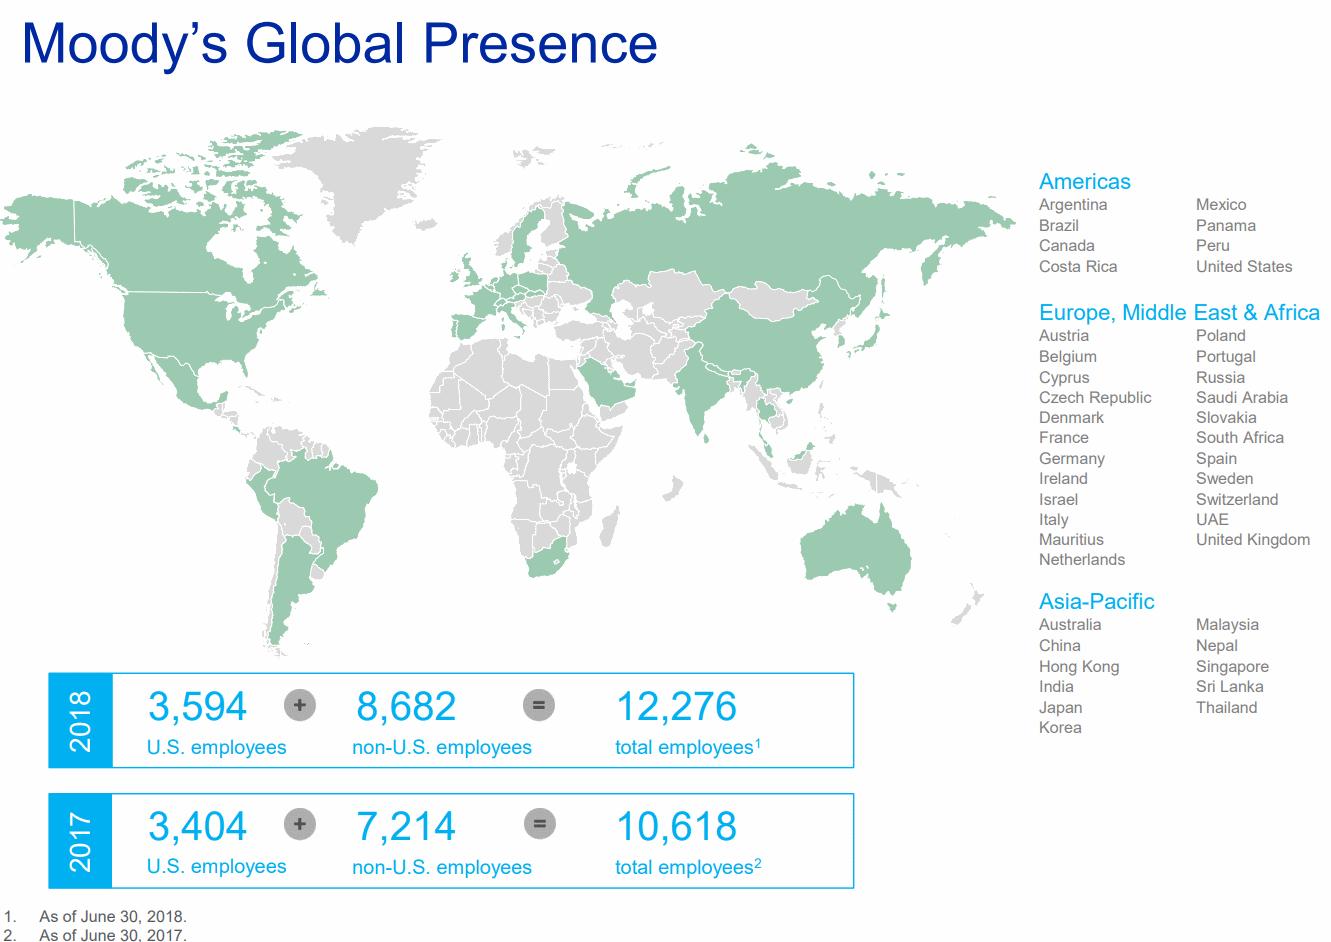 Moodys-Global-Presence